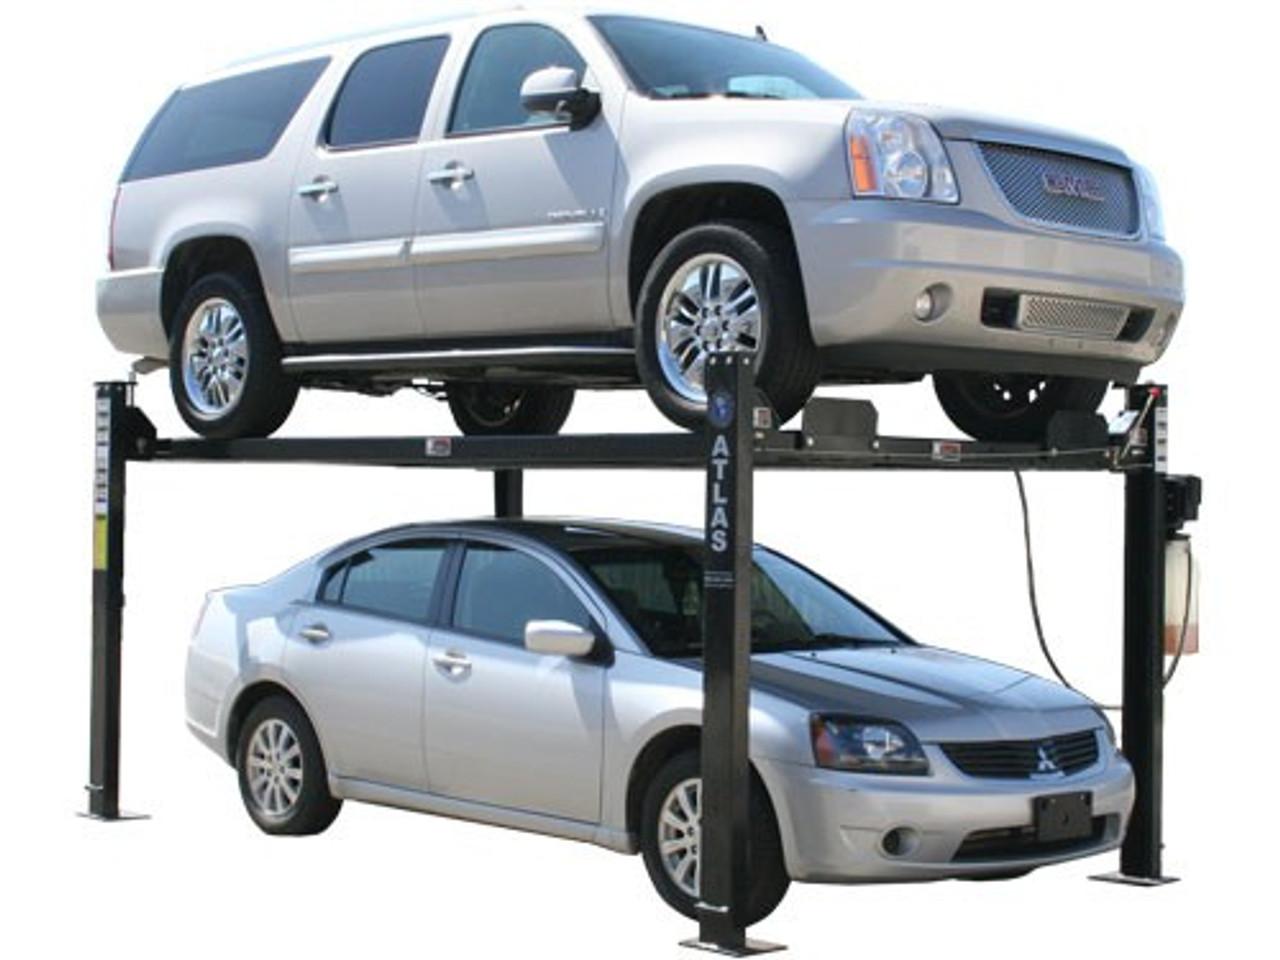 d155a8c3557b Atlas Garage Pro 8,000 4 Post Car Lift